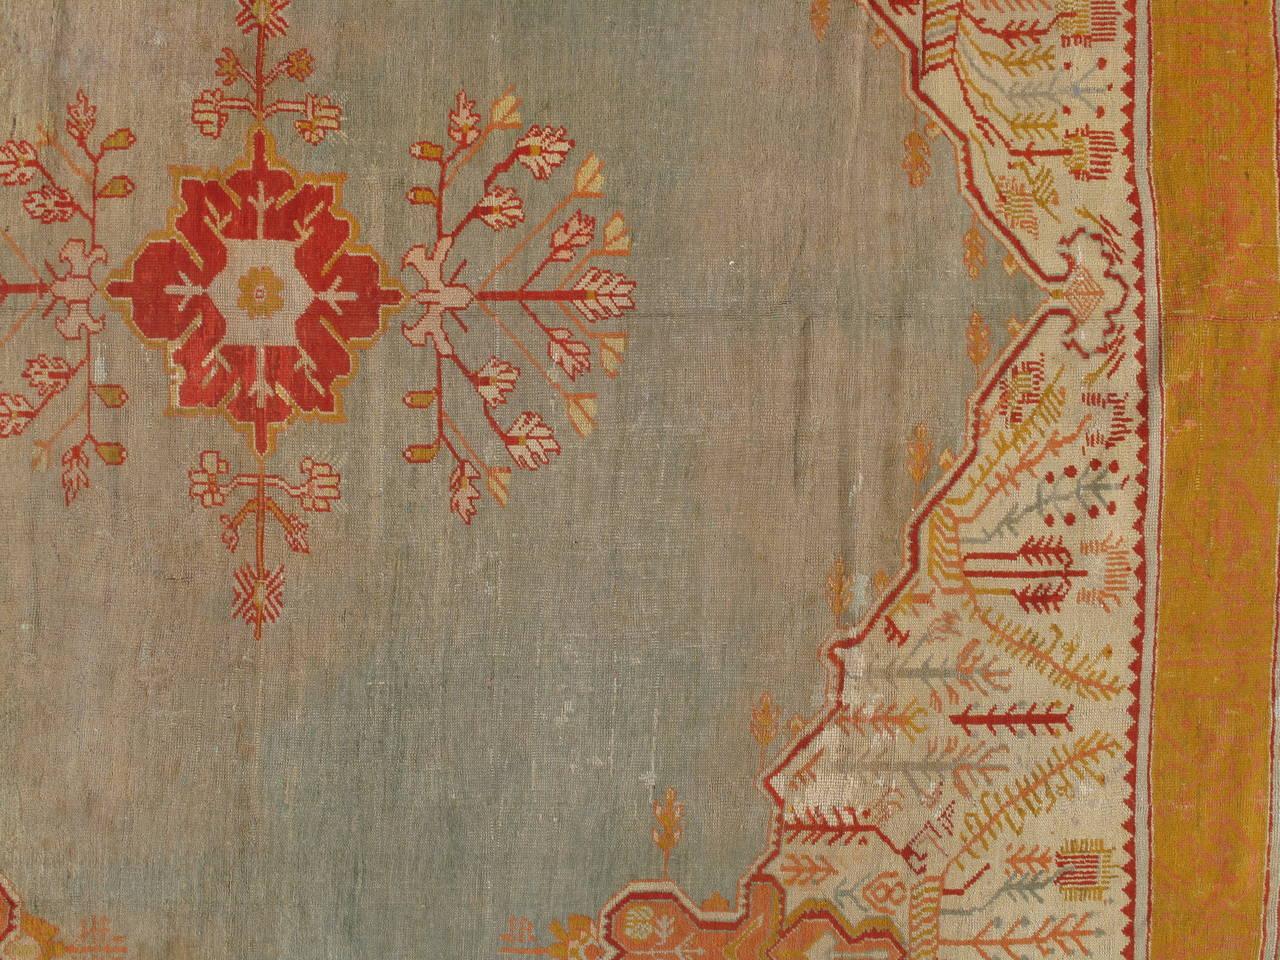 Antiker Handgefertigter Orientalischer Oushak Teppich in Hellgrün, Gelb, Koralle 6